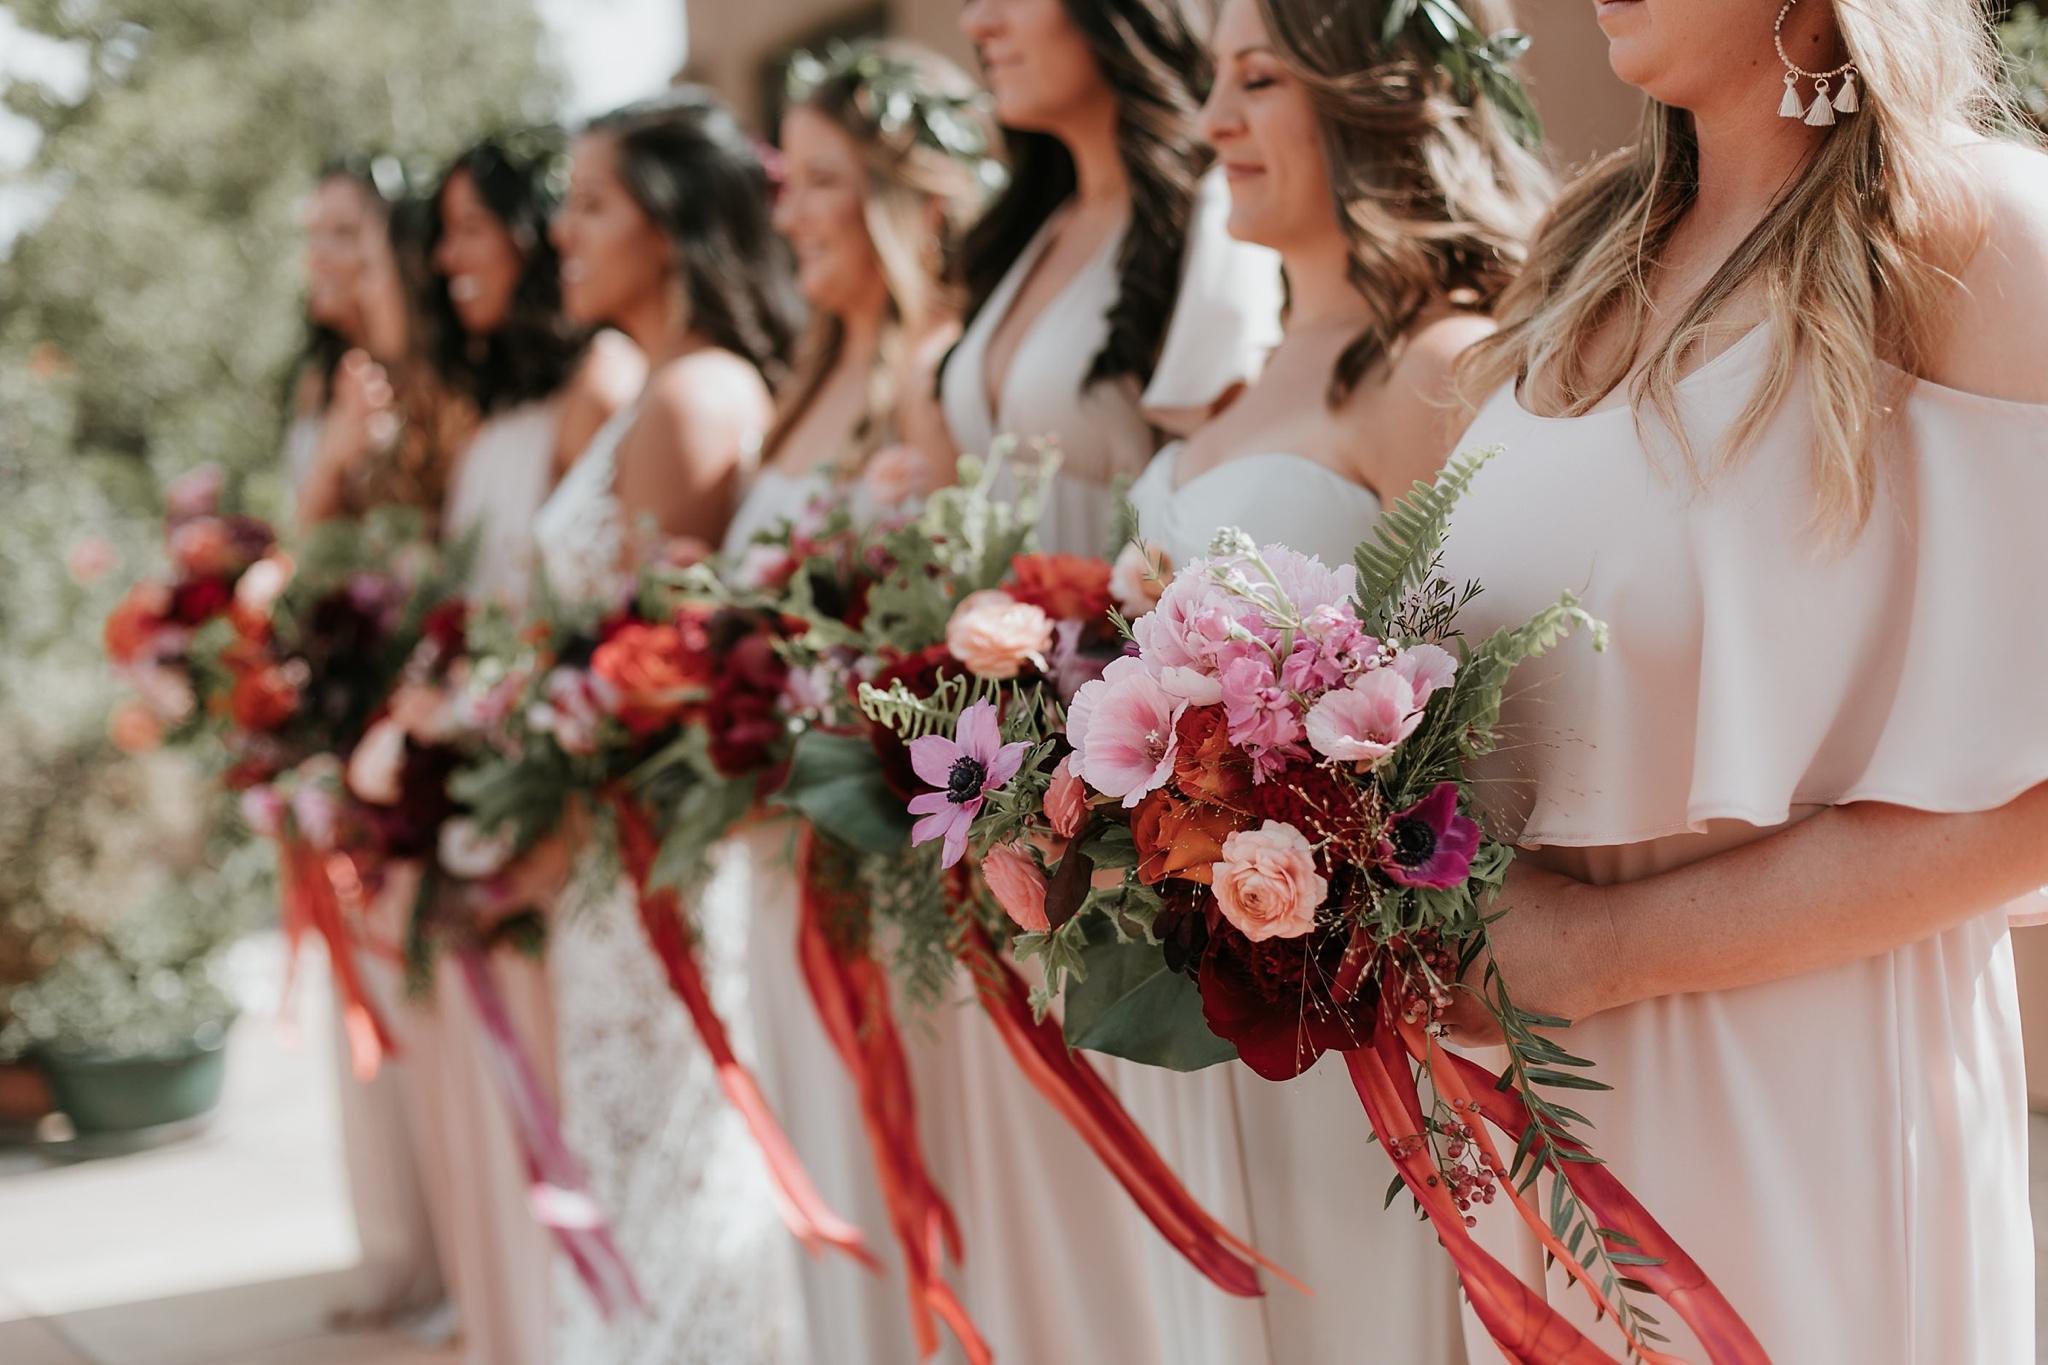 Alicia+lucia+photography+-+albuquerque+wedding+photographer+-+santa+fe+wedding+photography+-+new+mexico+wedding+photographer+-+new+mexico+florist+-+wedding+florist+-+renegade+floral_0033.jpg